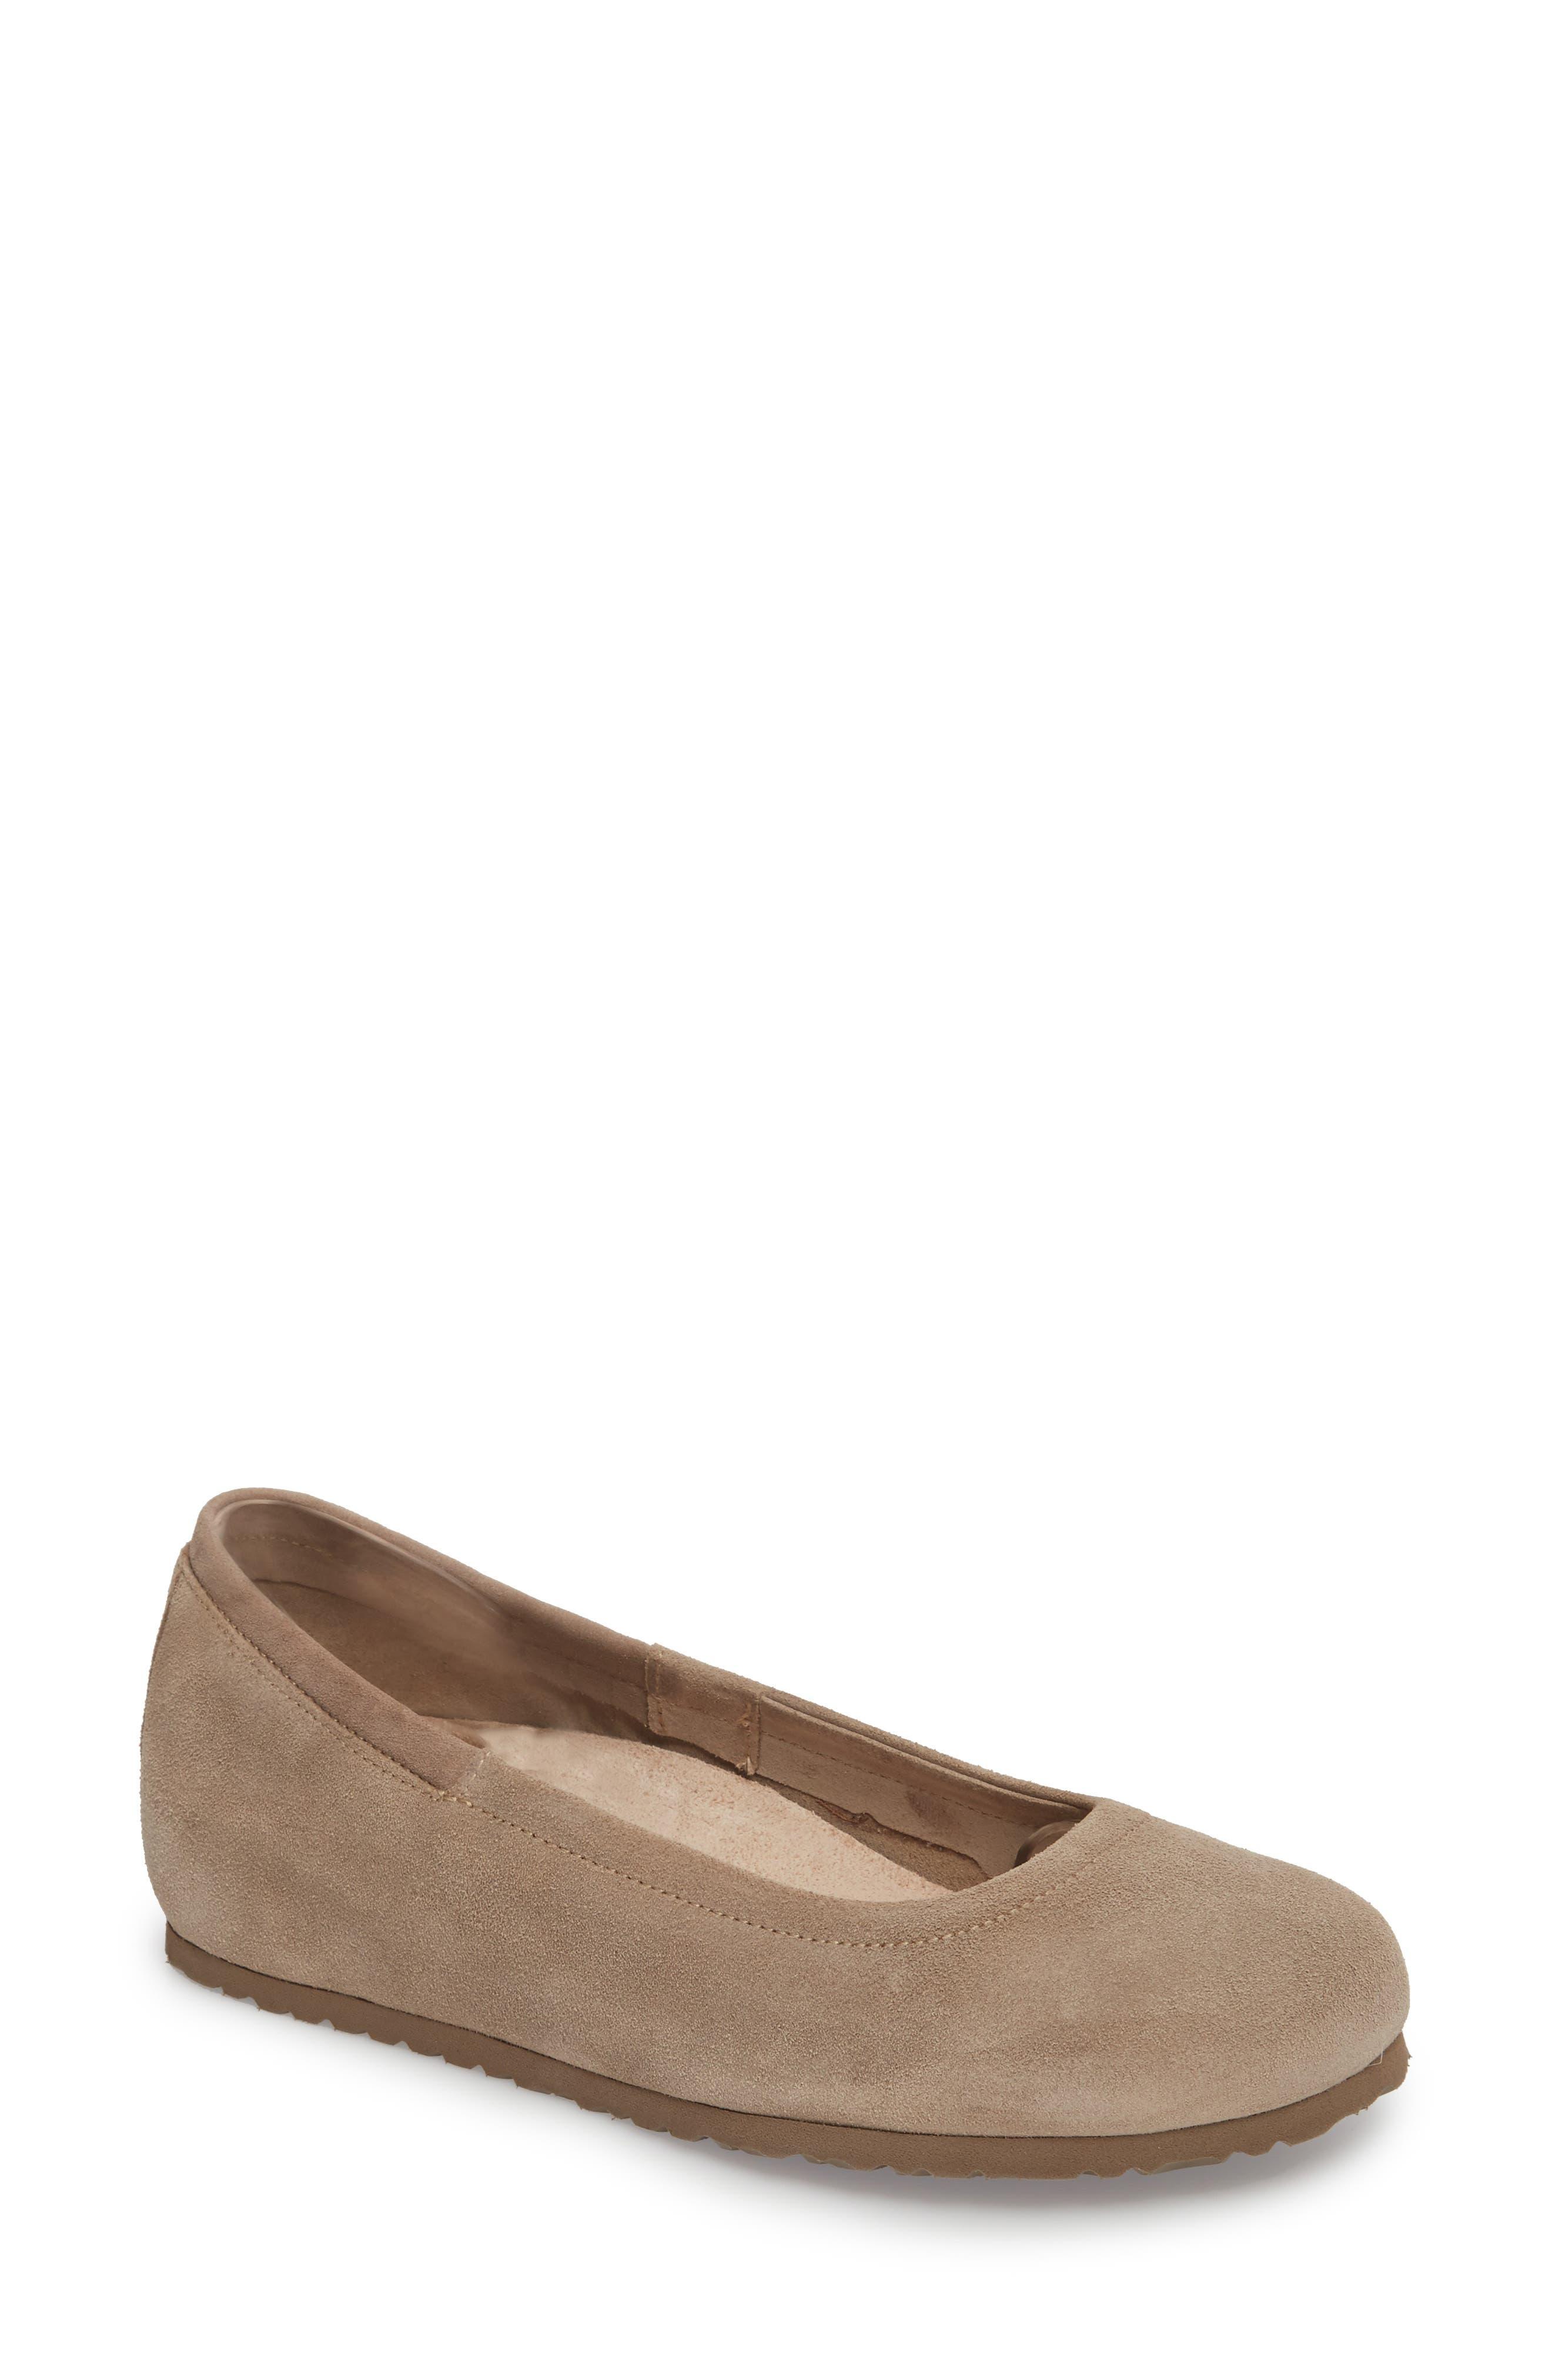 Birkenstock Celina Ballet Flat,5.5 - Beige